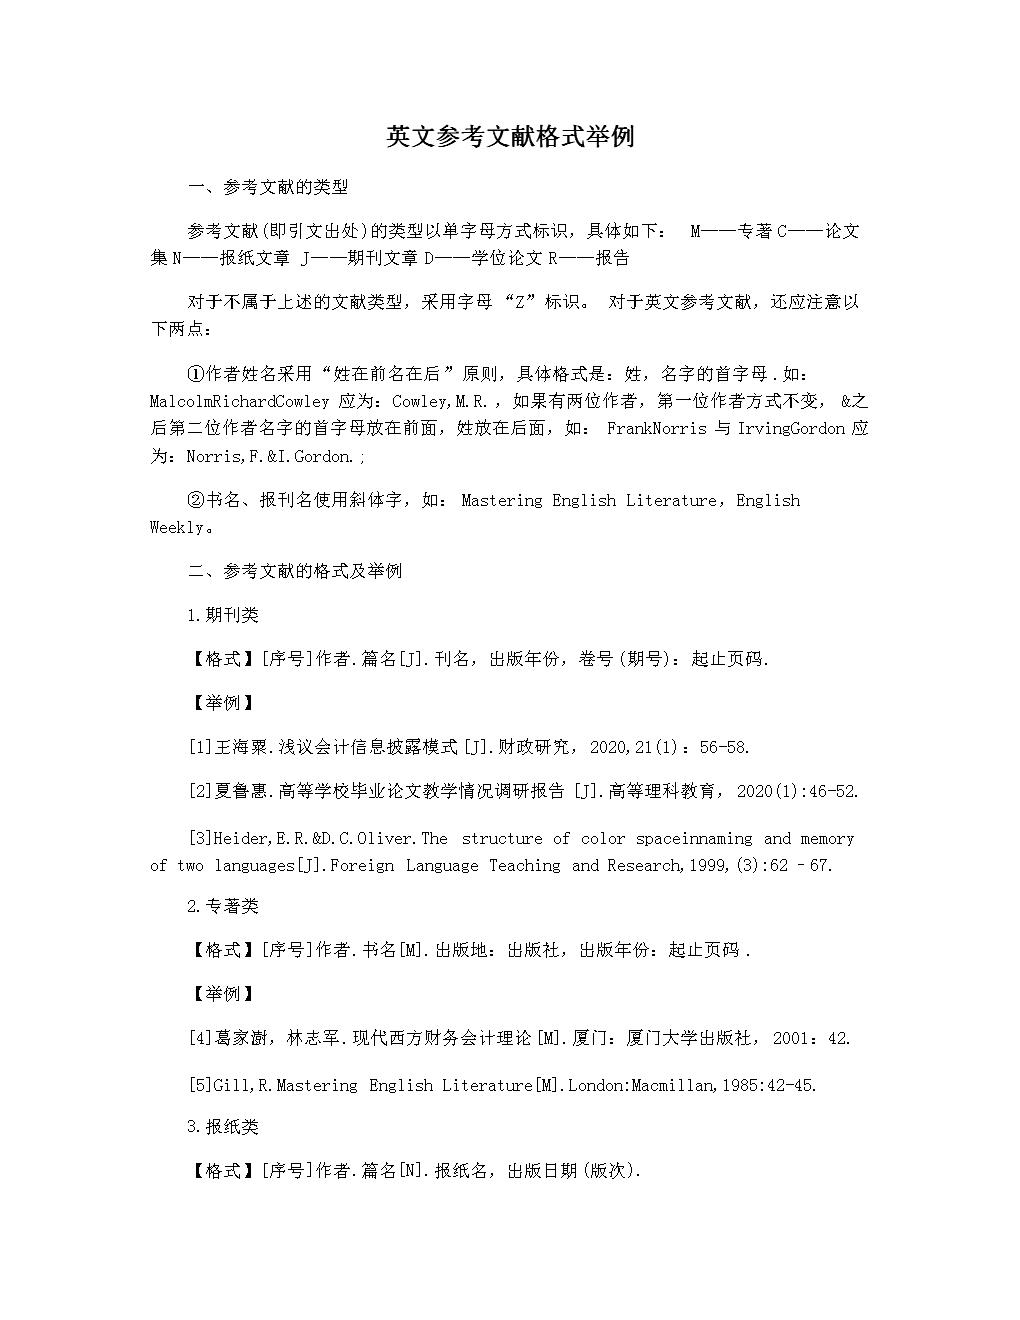 英文參考文獻格式舉例.docx